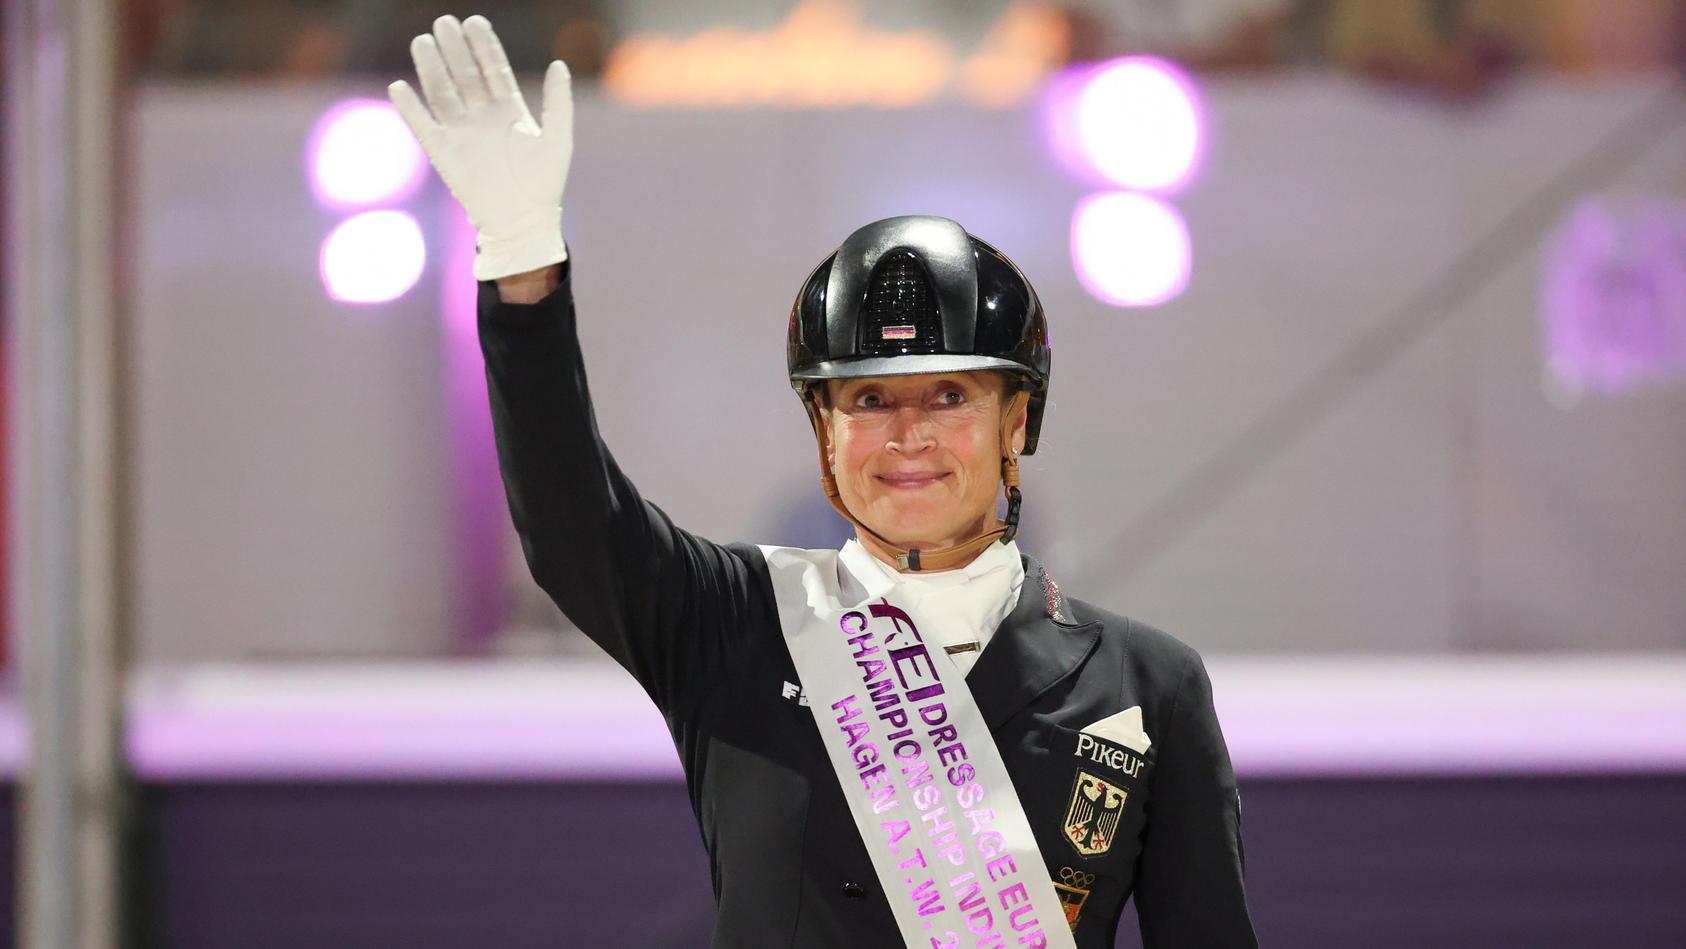 Isabell Werth bei der Dressur-Europameisterschaft.